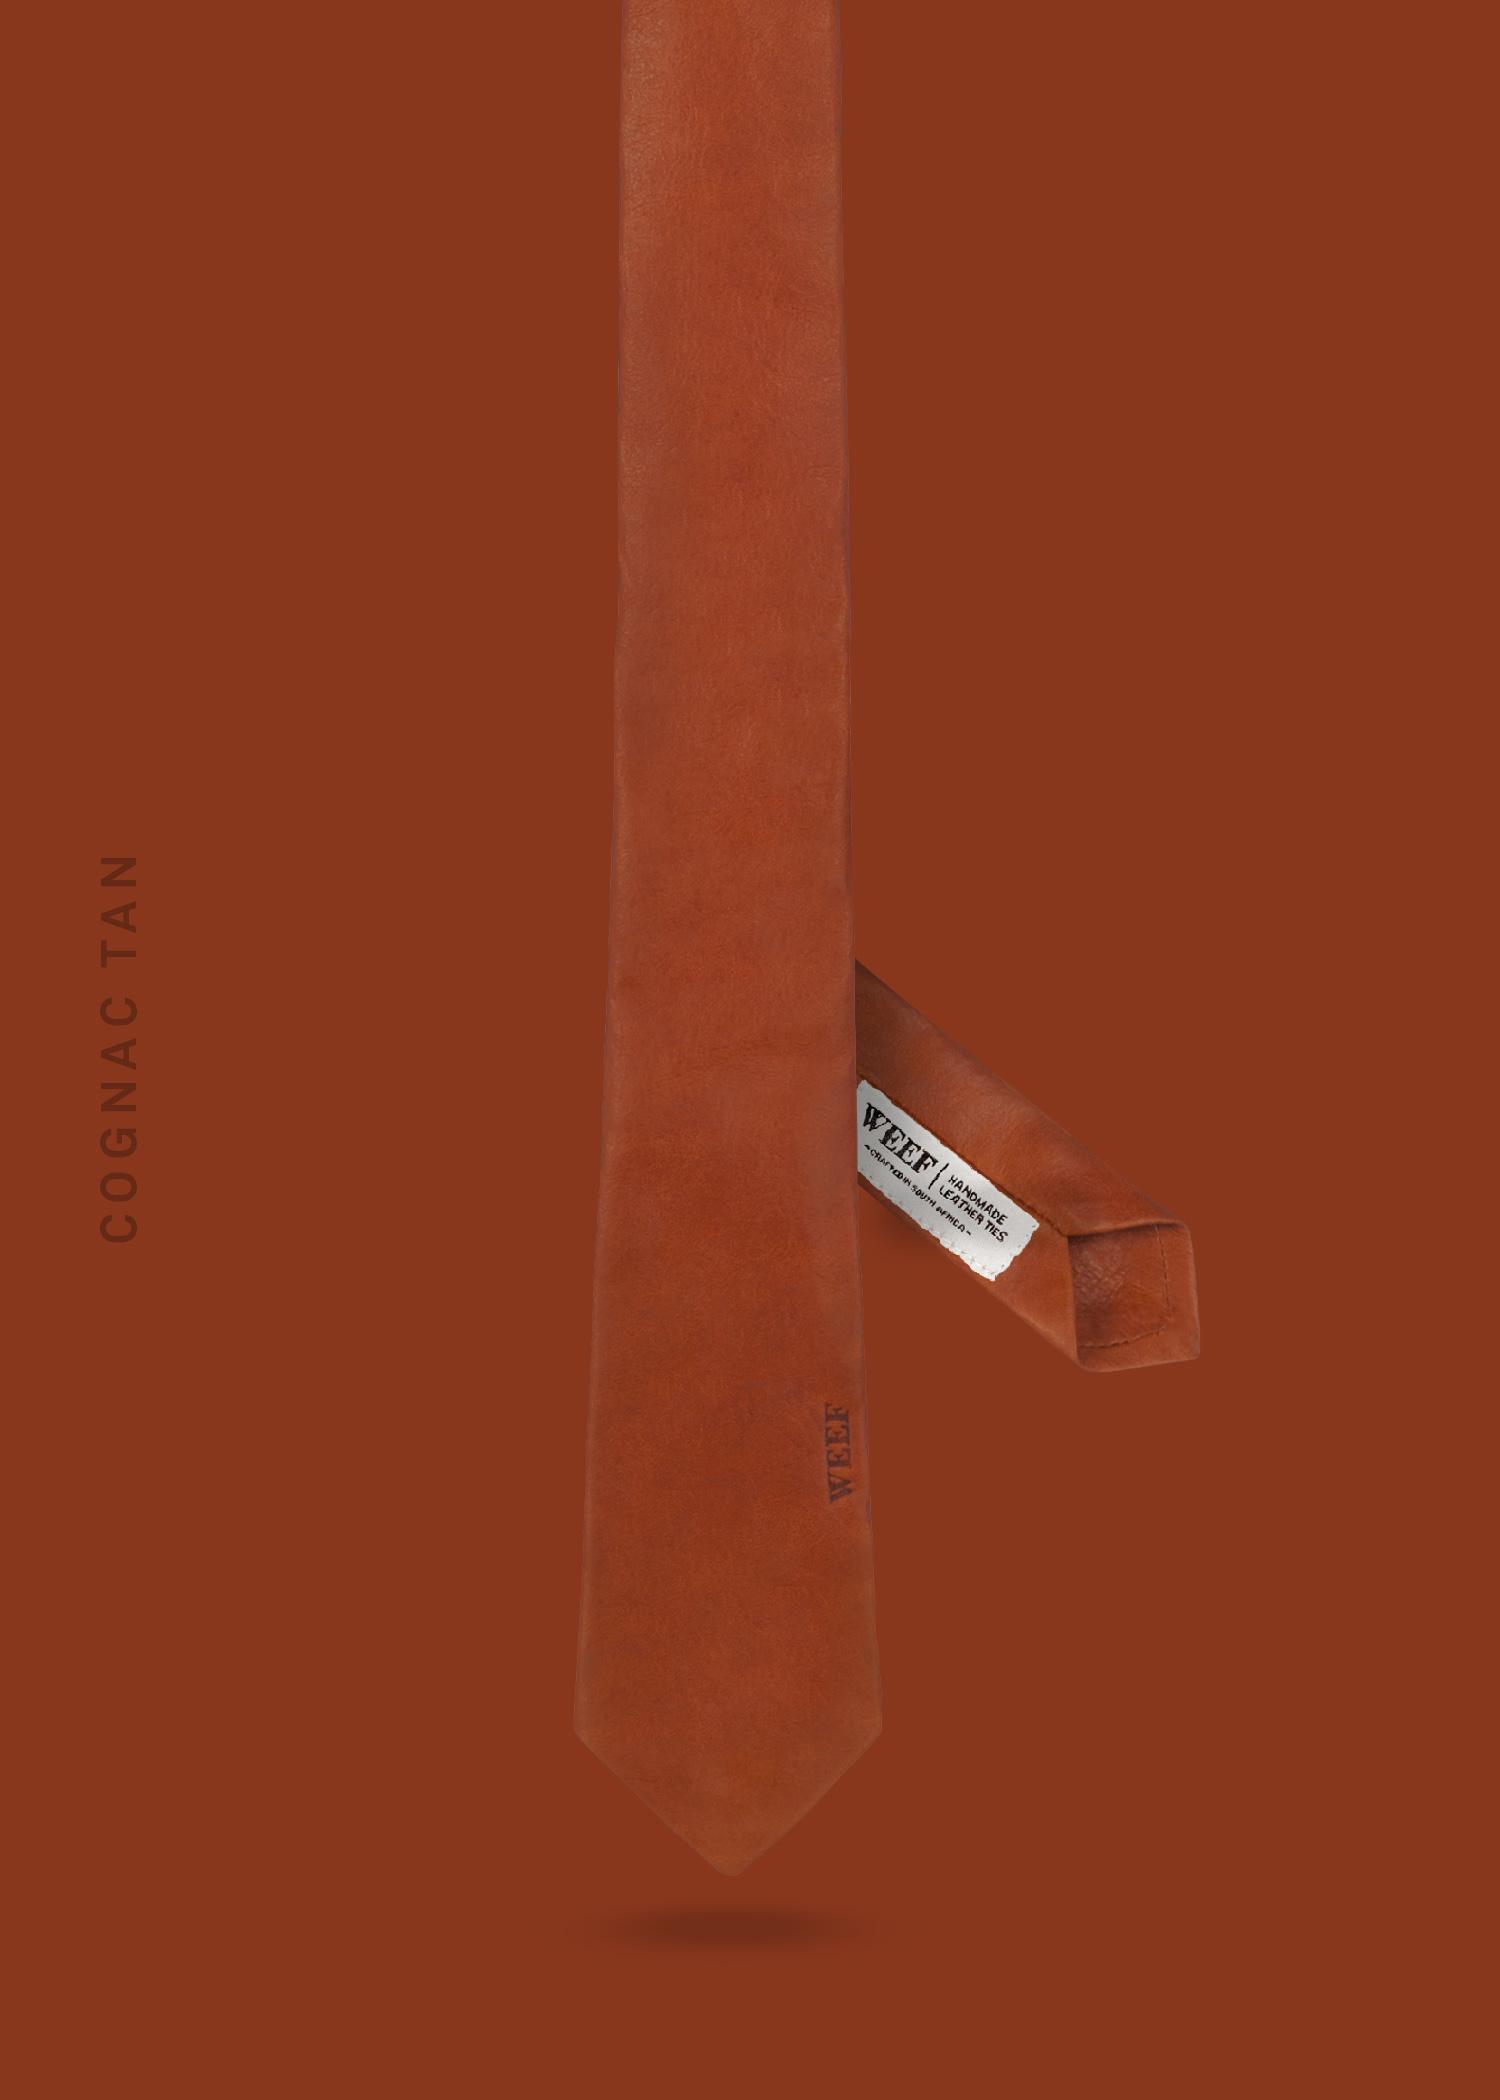 WEEF-Skinny-Tie-Cognac-Tan-v2